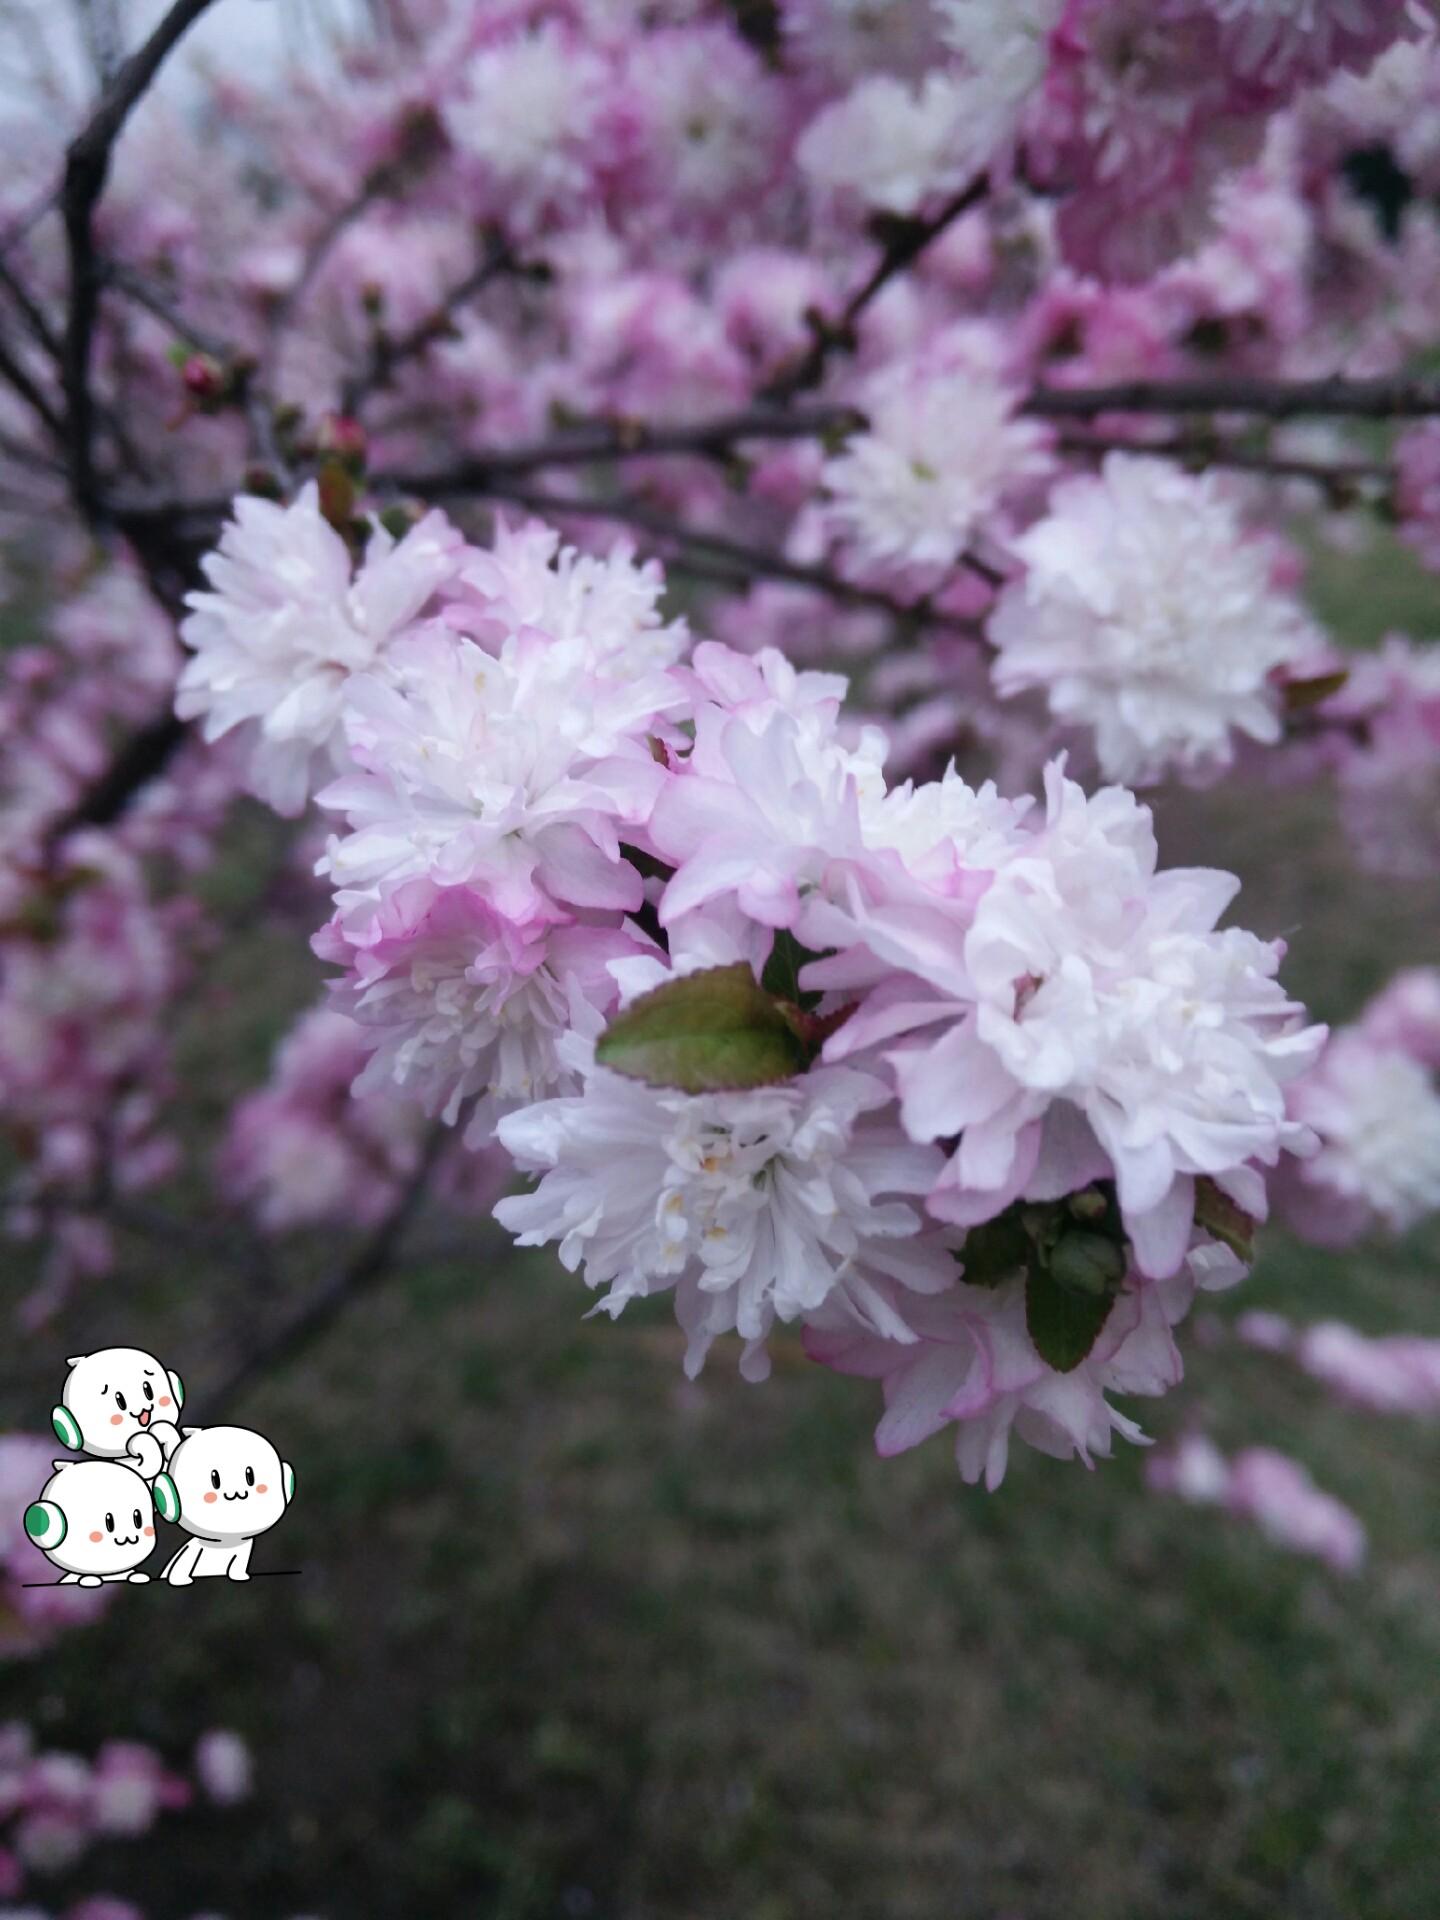 春天的芭蕾二声部简谱图片分享下载